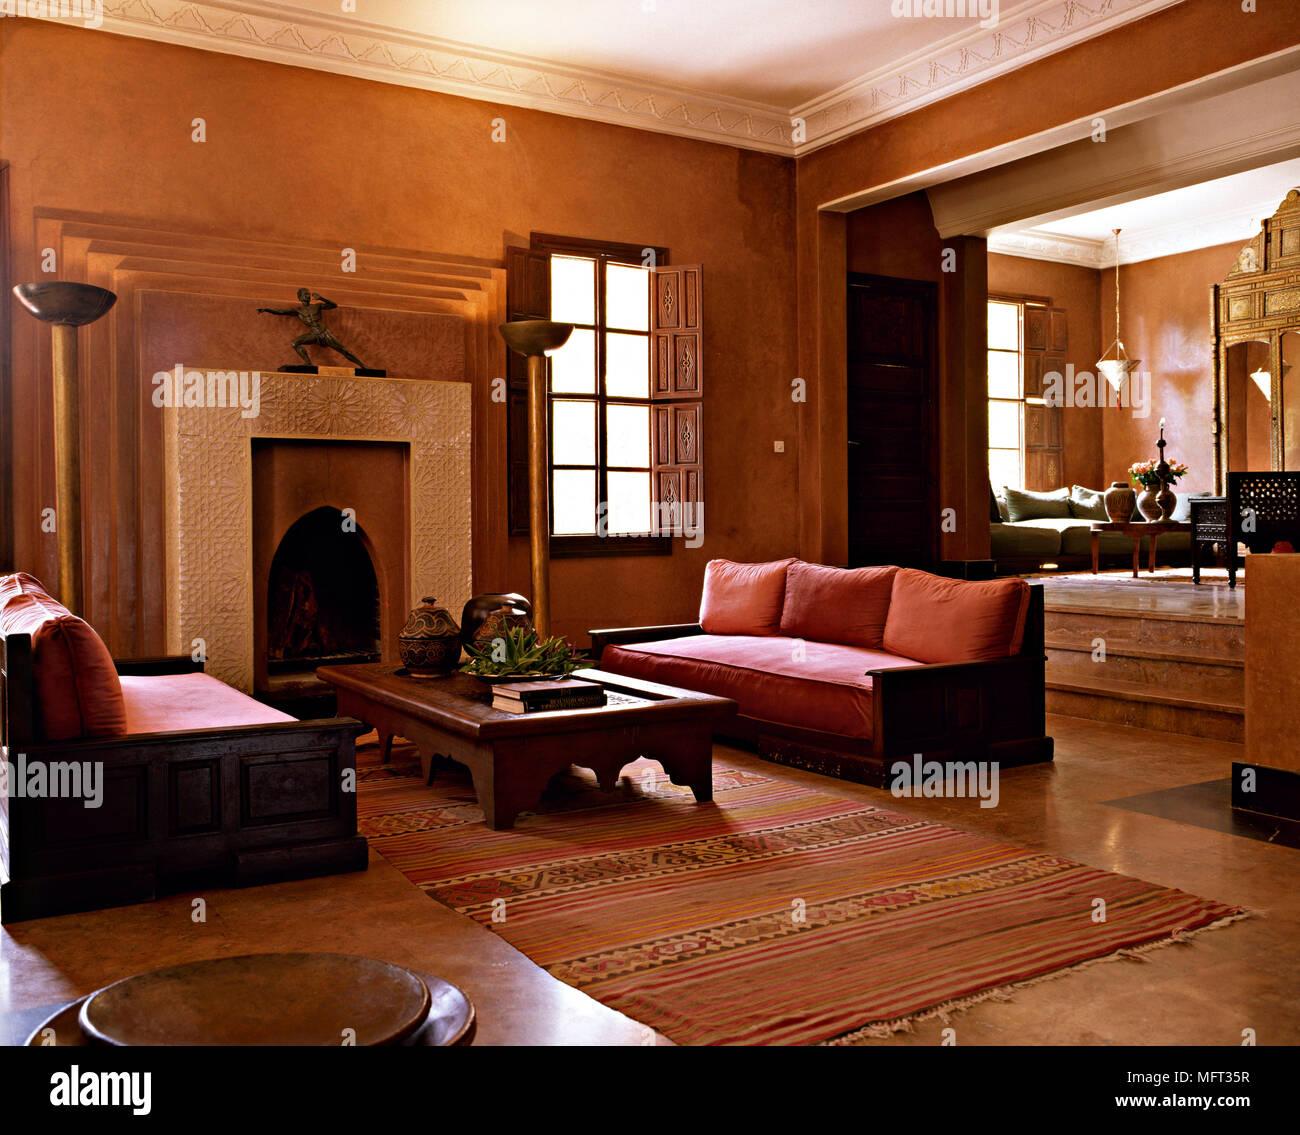 Hôtel suite marocaine salon cheminée table basse intérieur ...